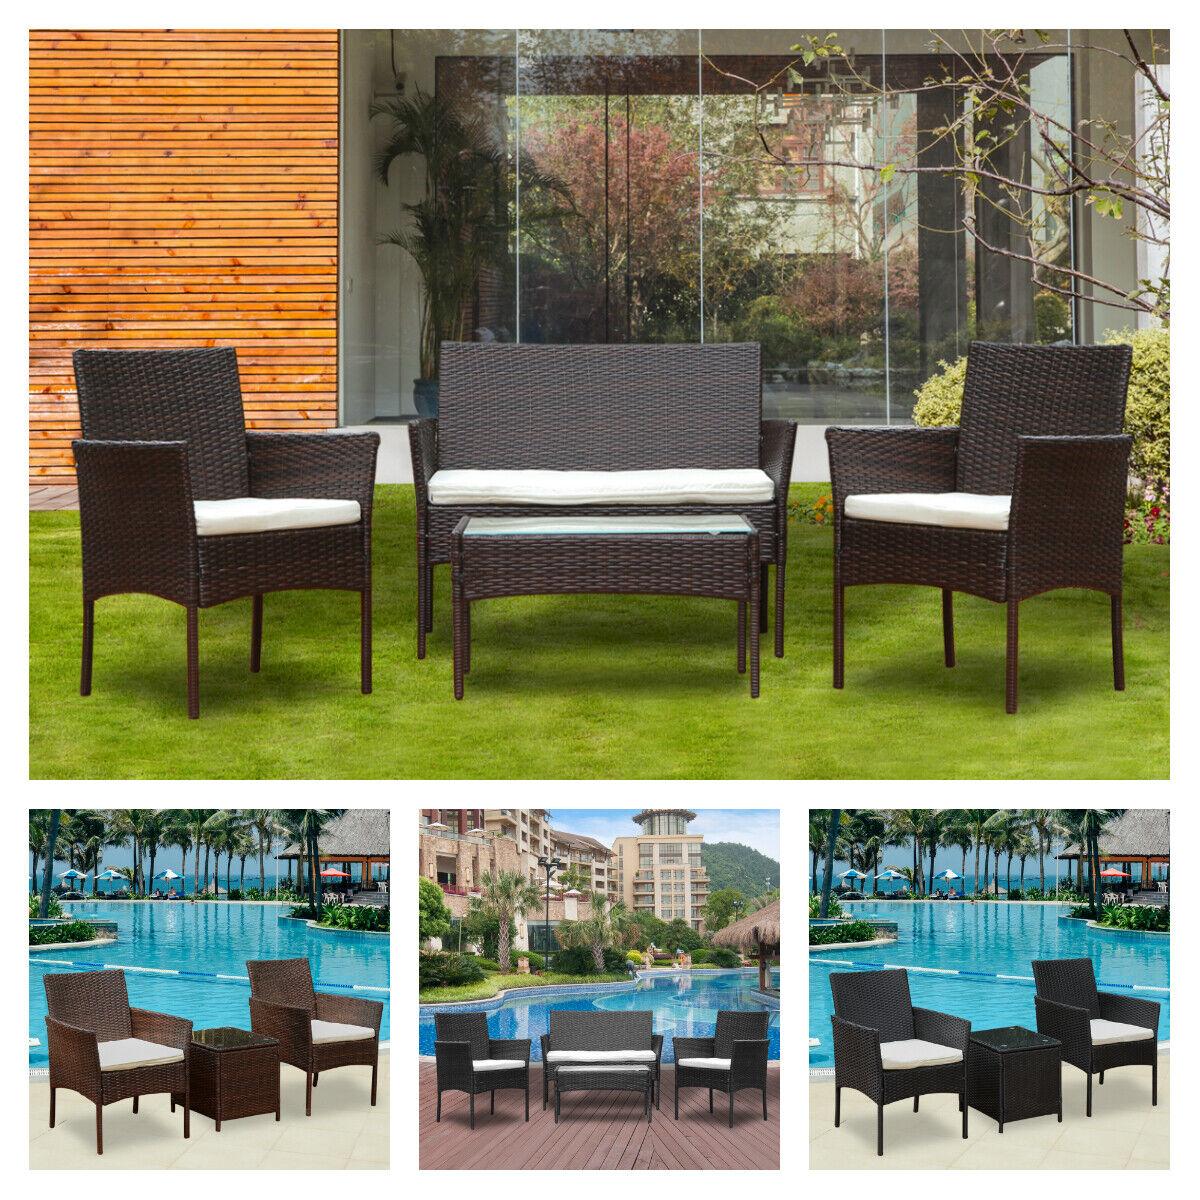 Garden Furniture - 3 / 4 Pcs Garden Rattan Sofa Set Garden Furniture Patio Set Sofa Table Outdoor